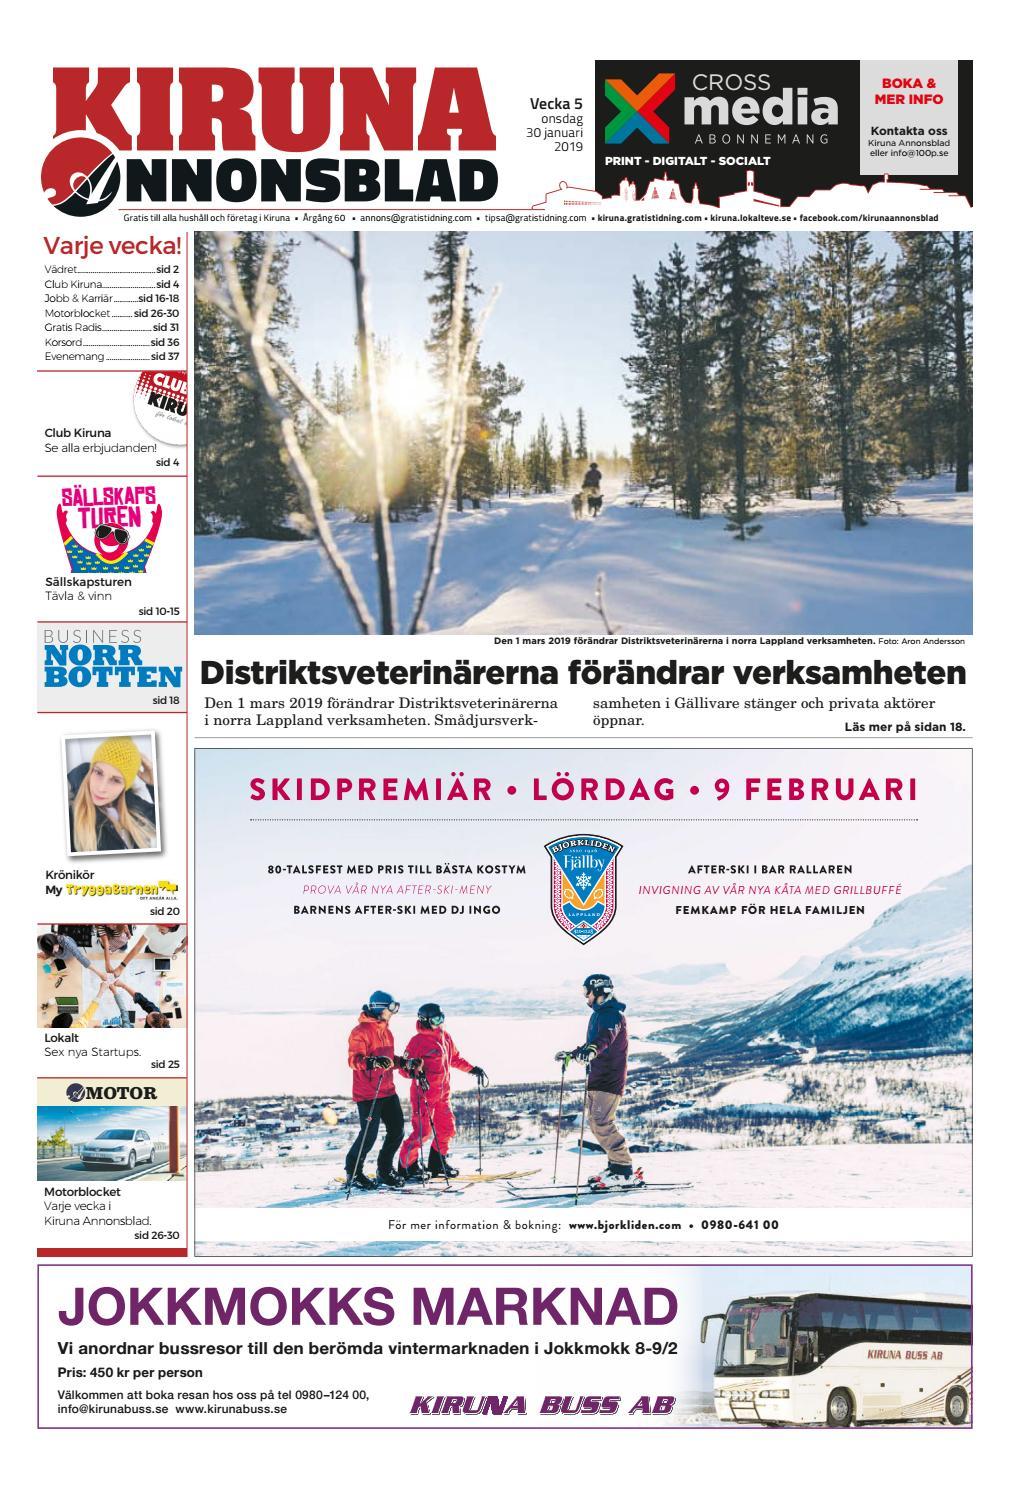 6082675892a2 Kiruna Annonsblad vecka 05, 2019 by Svenska Civildatalogerna AB - issuu